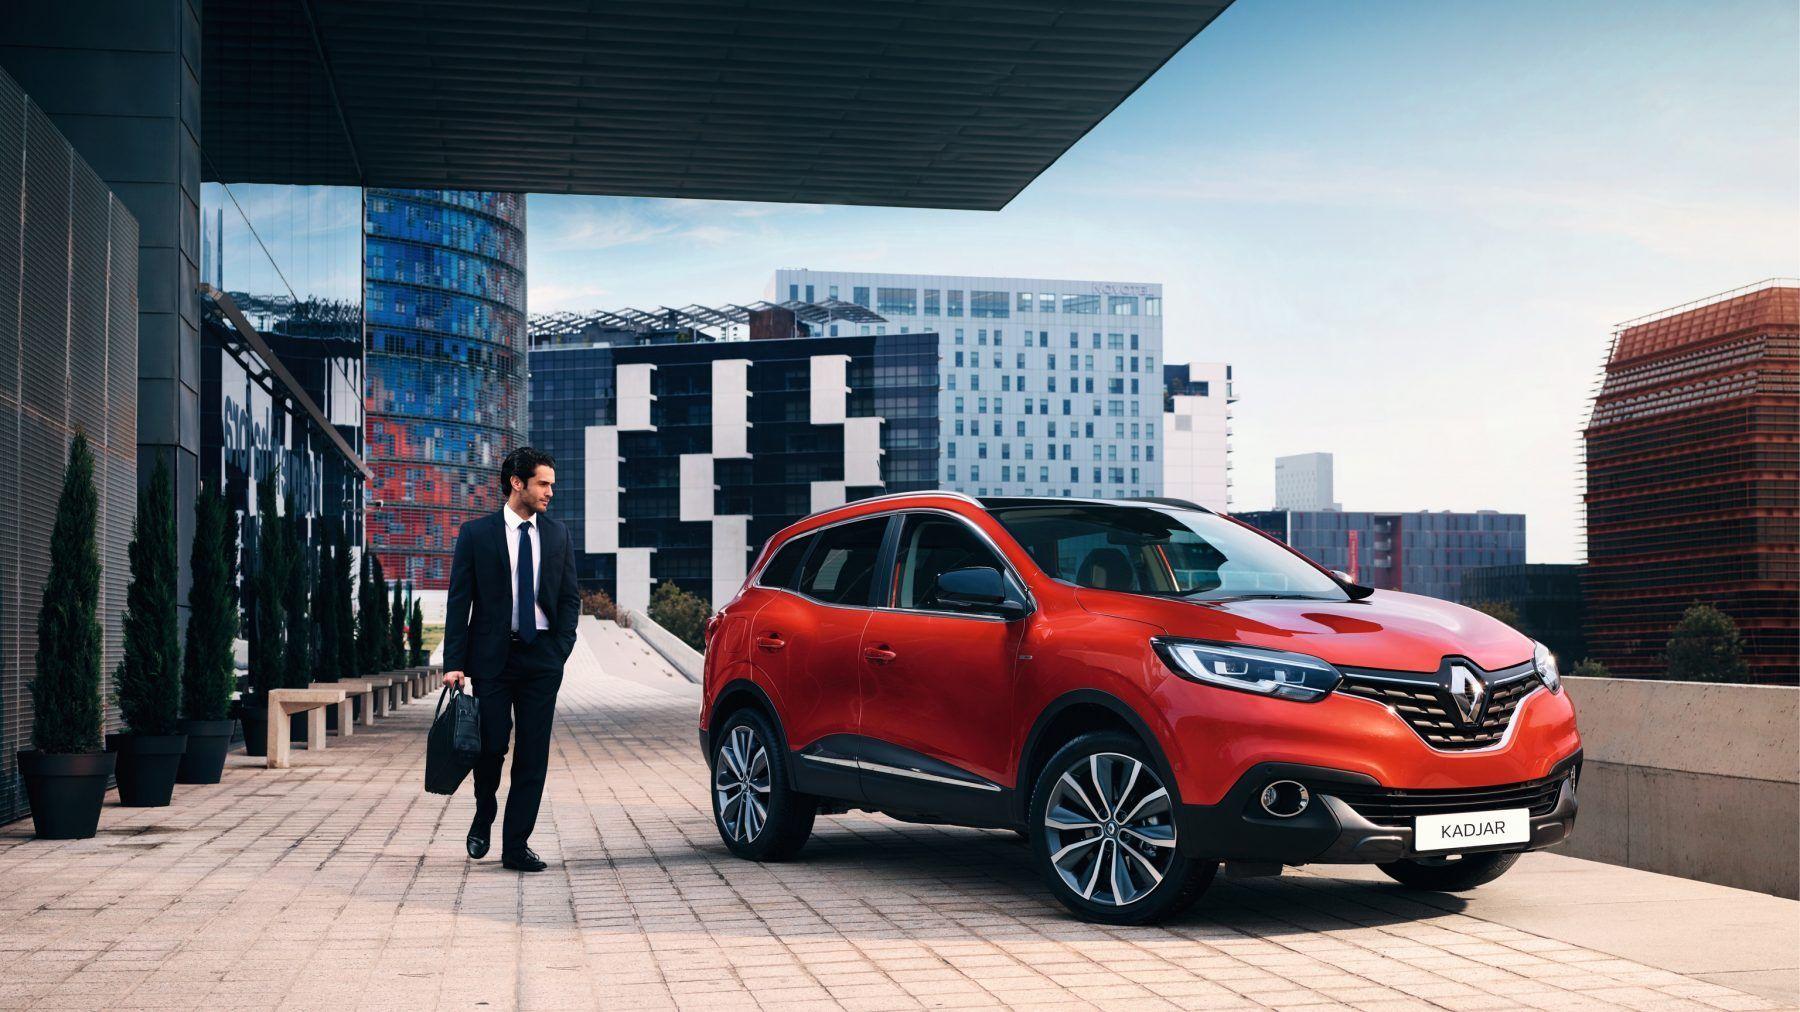 АИС Автокрай презентует новинки Renault на CEE 2017.